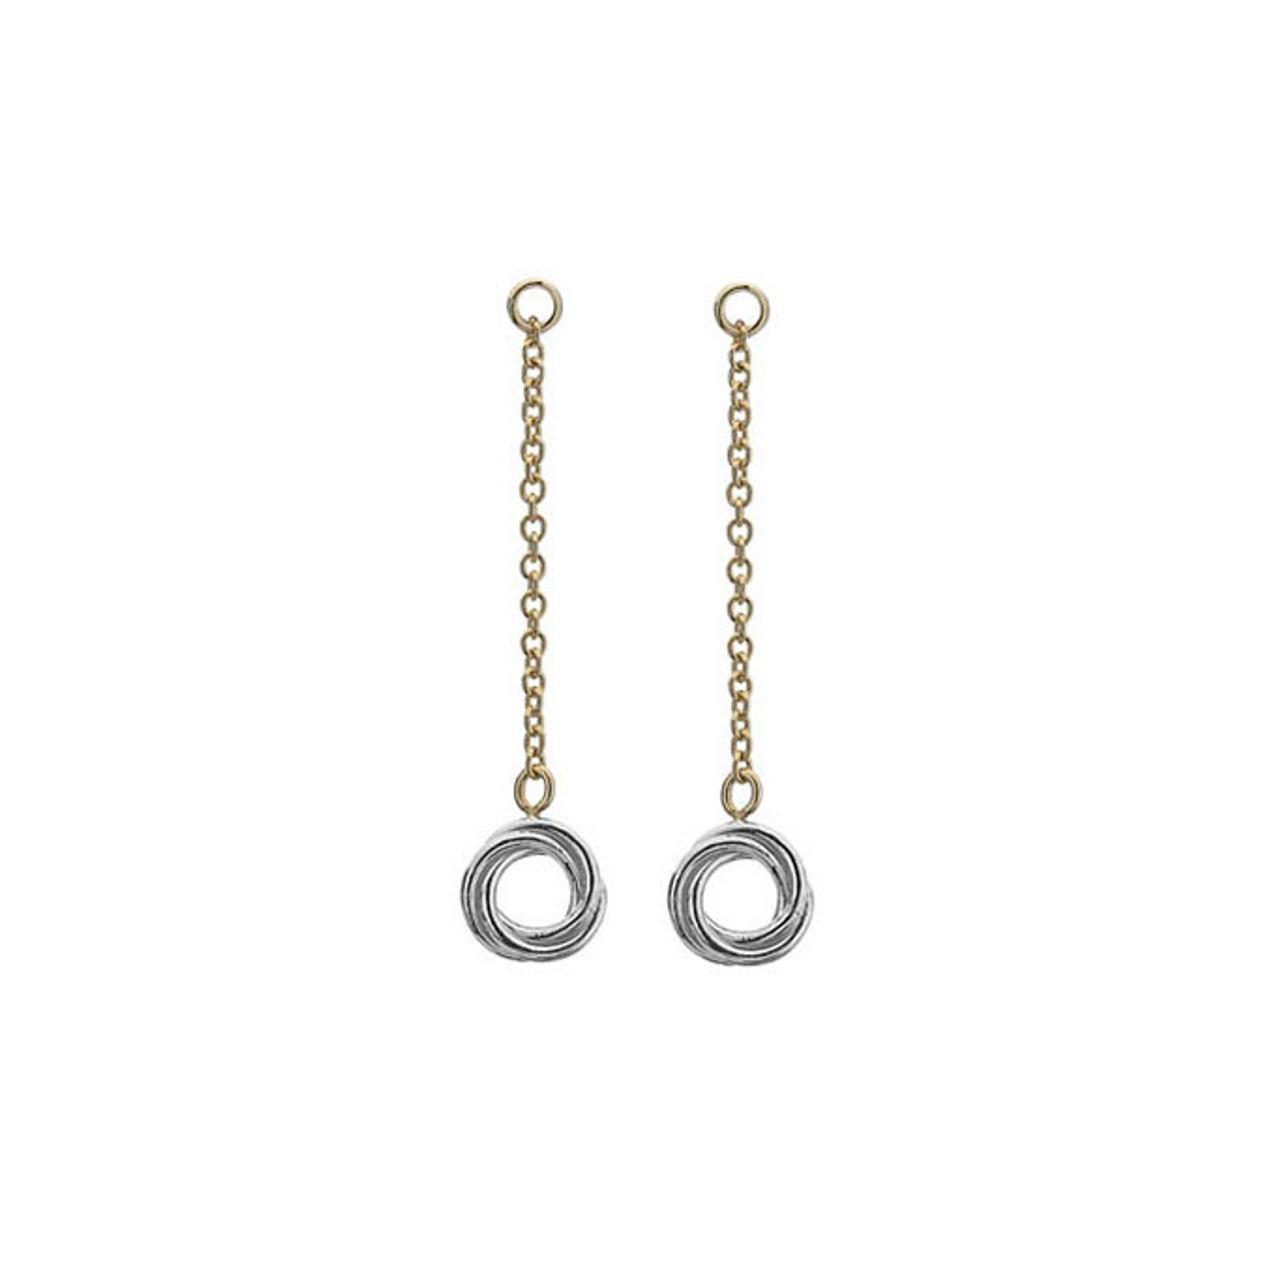 9ct Yellow & White Gold Woolmark Drop Earrings